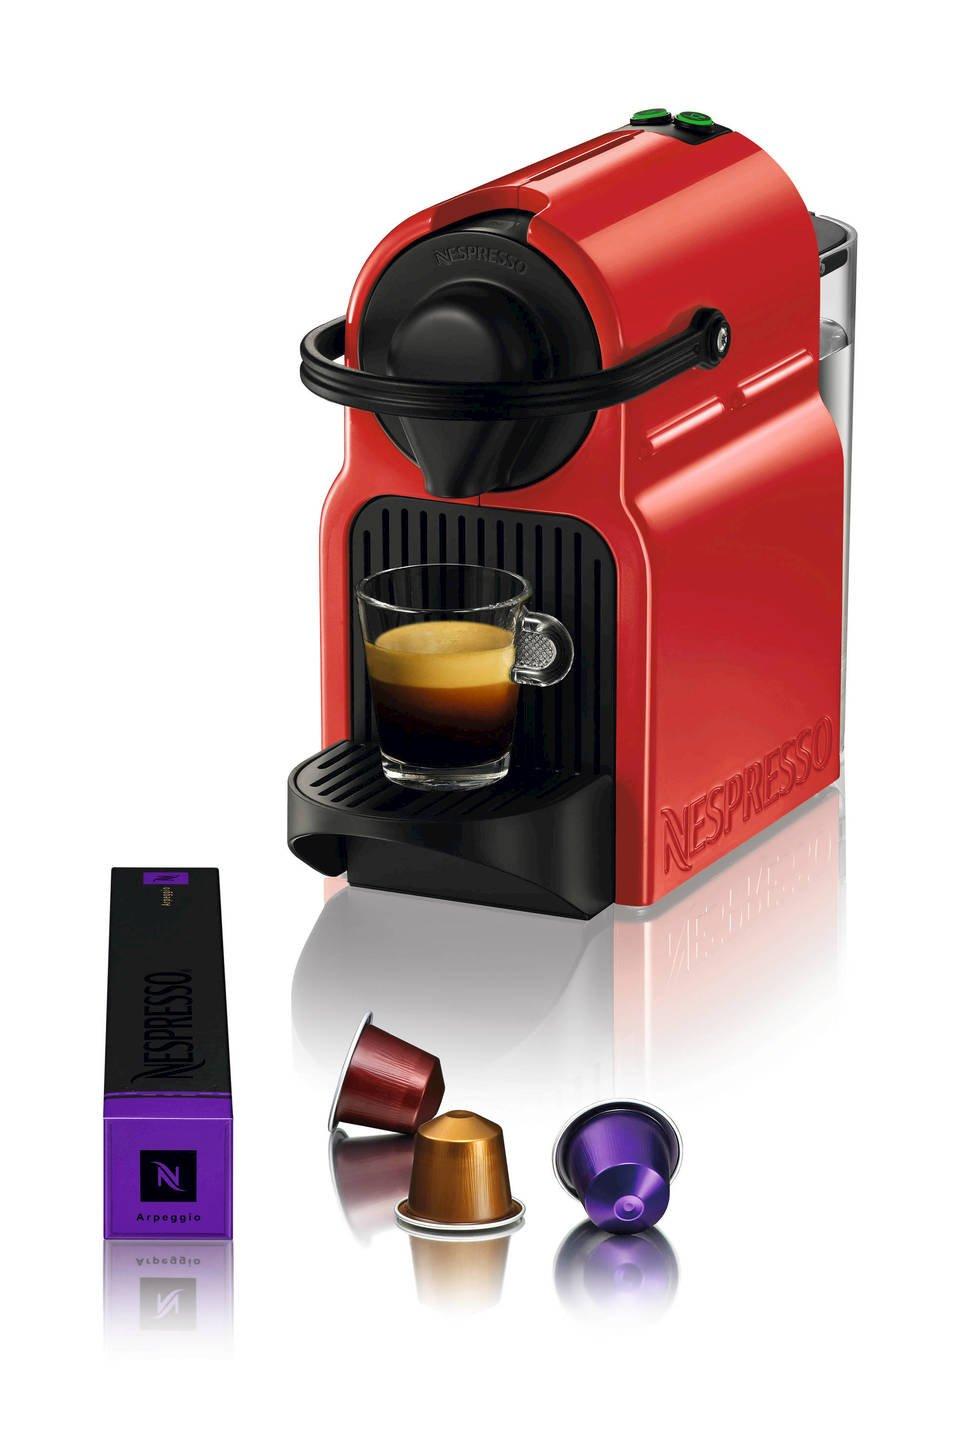 Breville nespresso inissia espresso machine